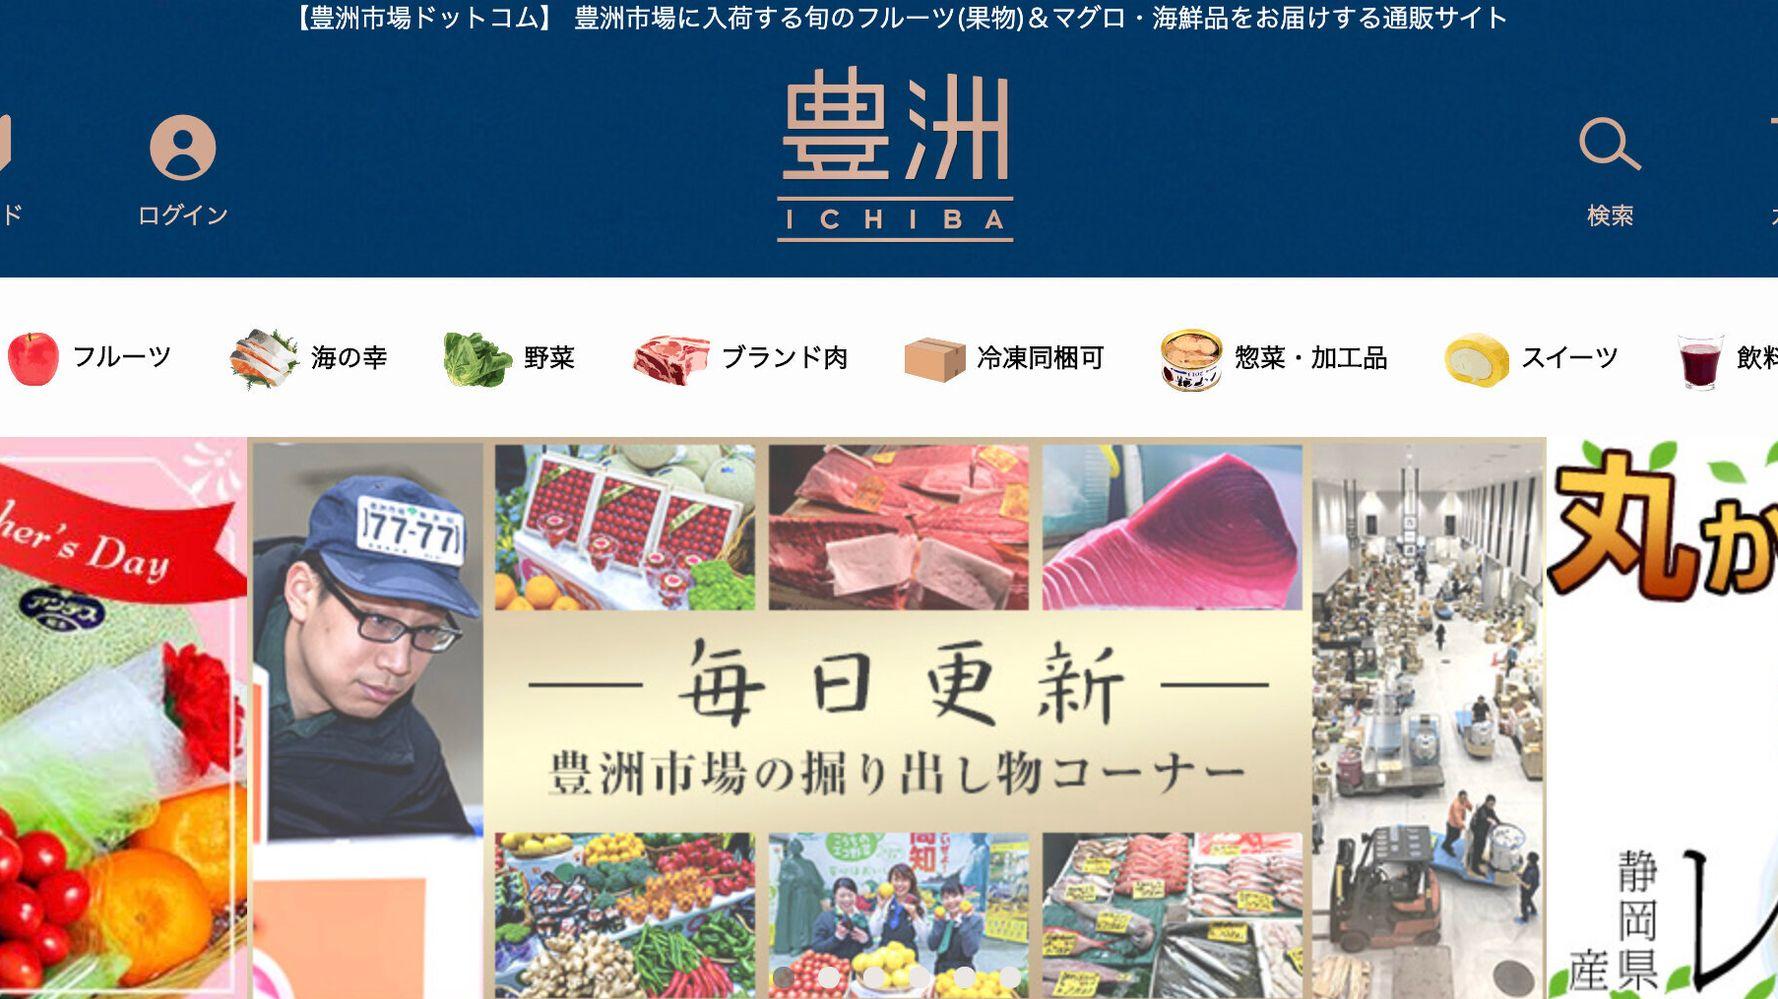 サイト wakeai 通販